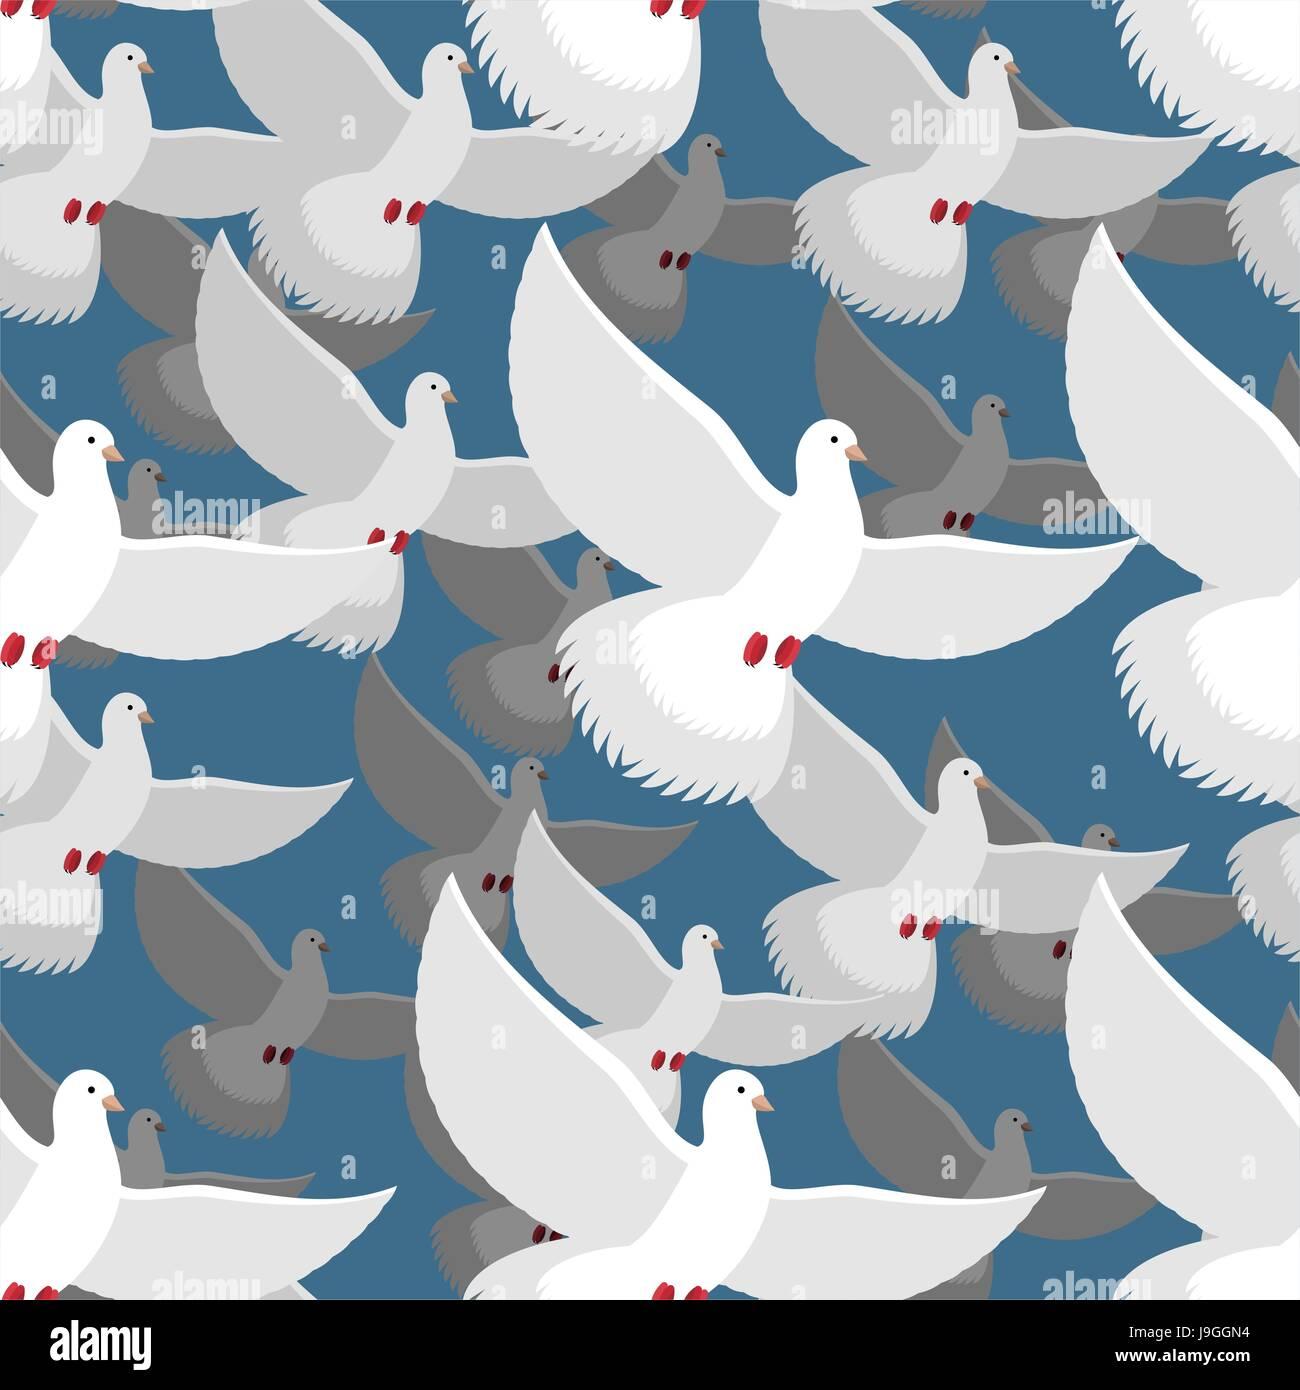 Colomba Bianca Seamless Pattern Gregge Di Colombe Bianche Nel Cielo